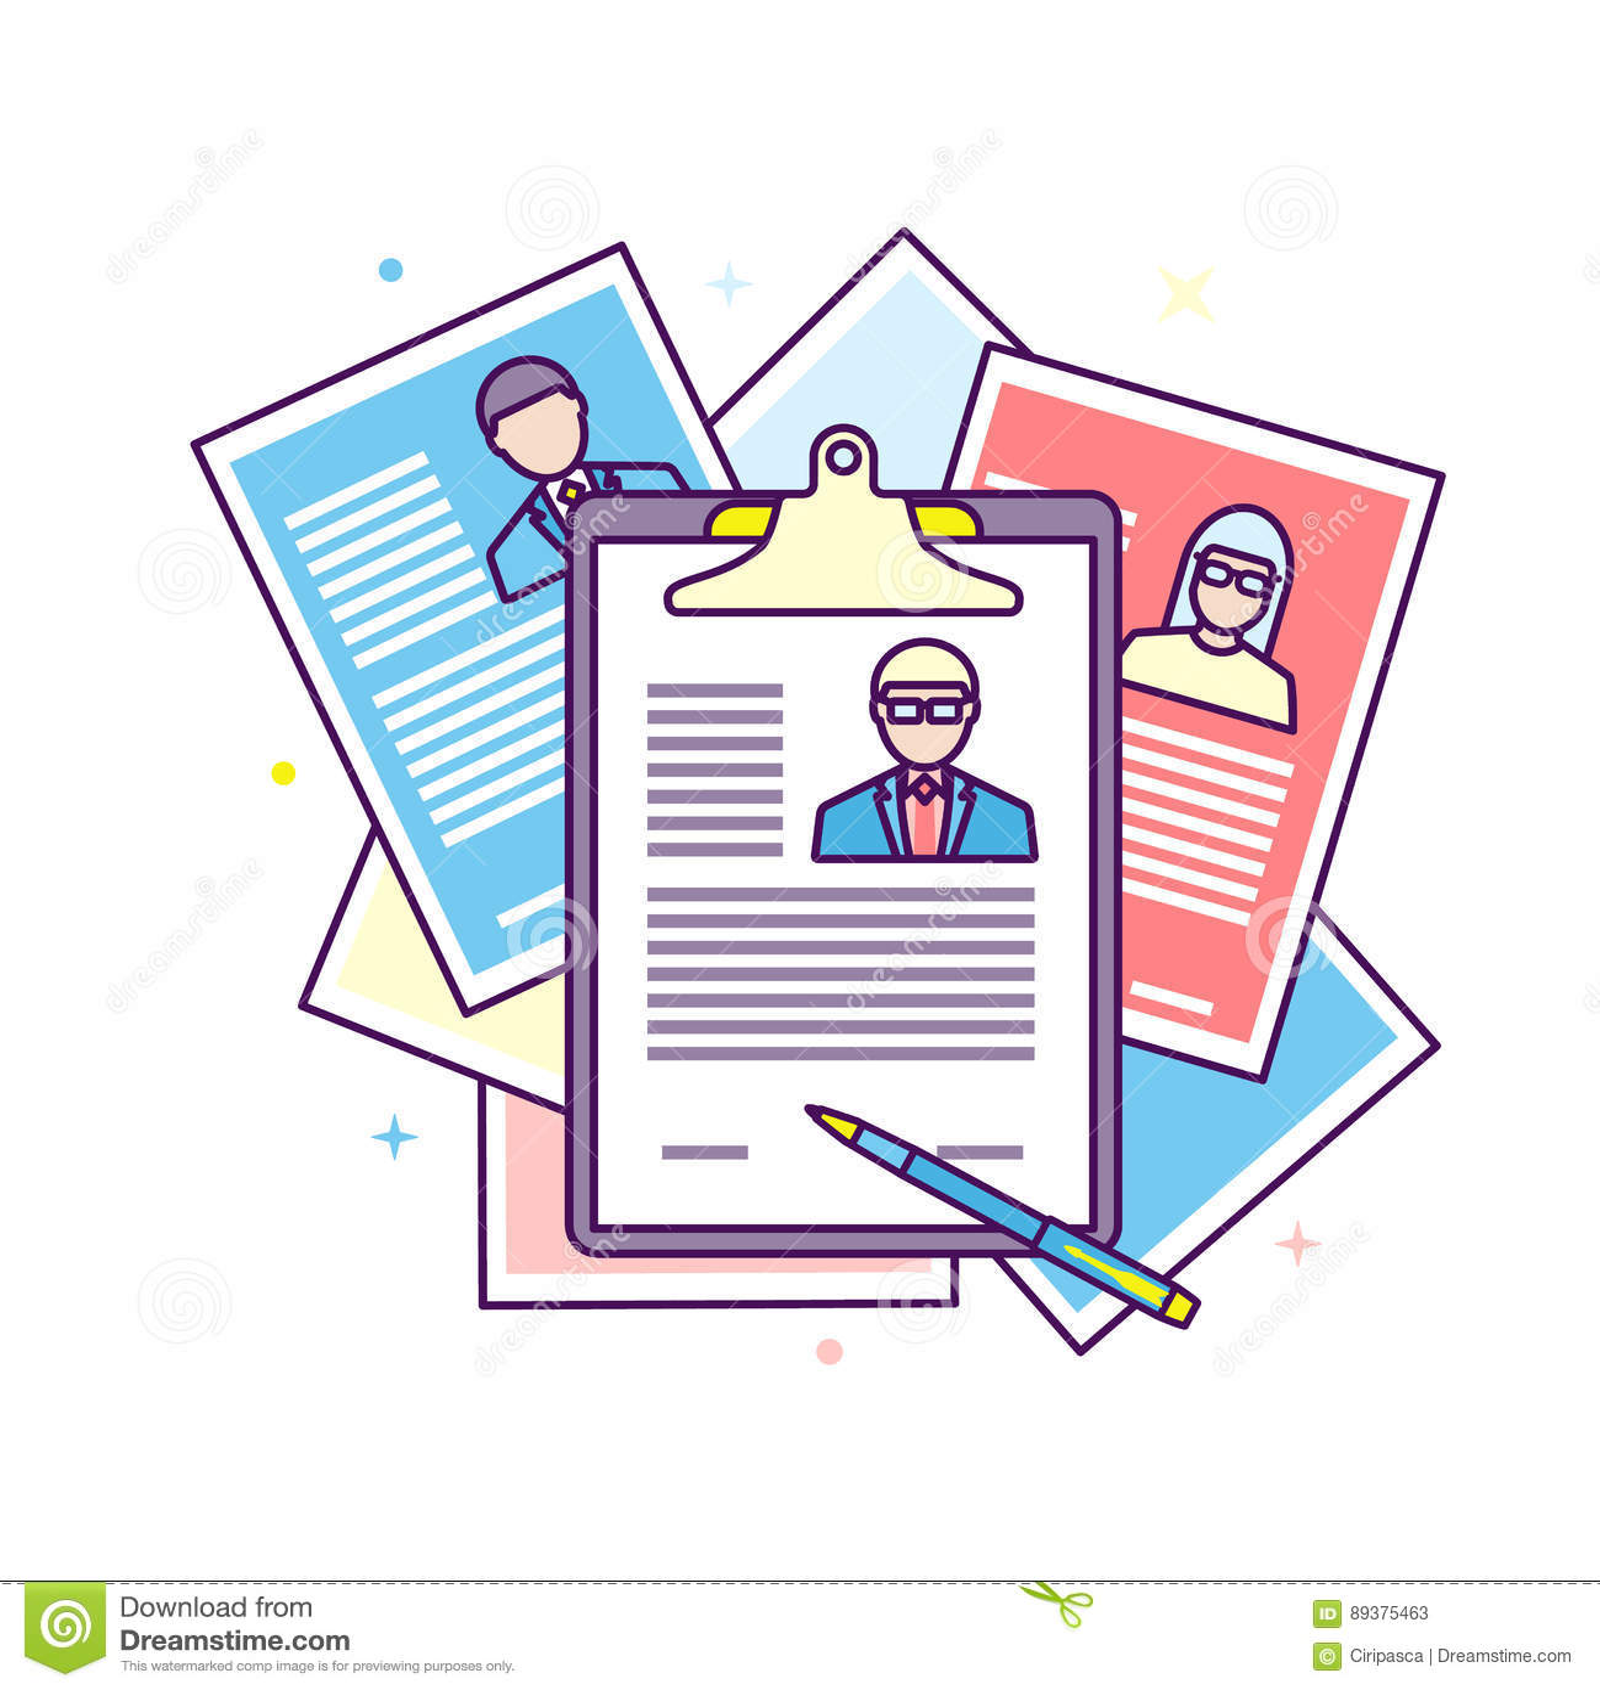 Curriculum Vitae Recruitment Candidate Job Position Stock